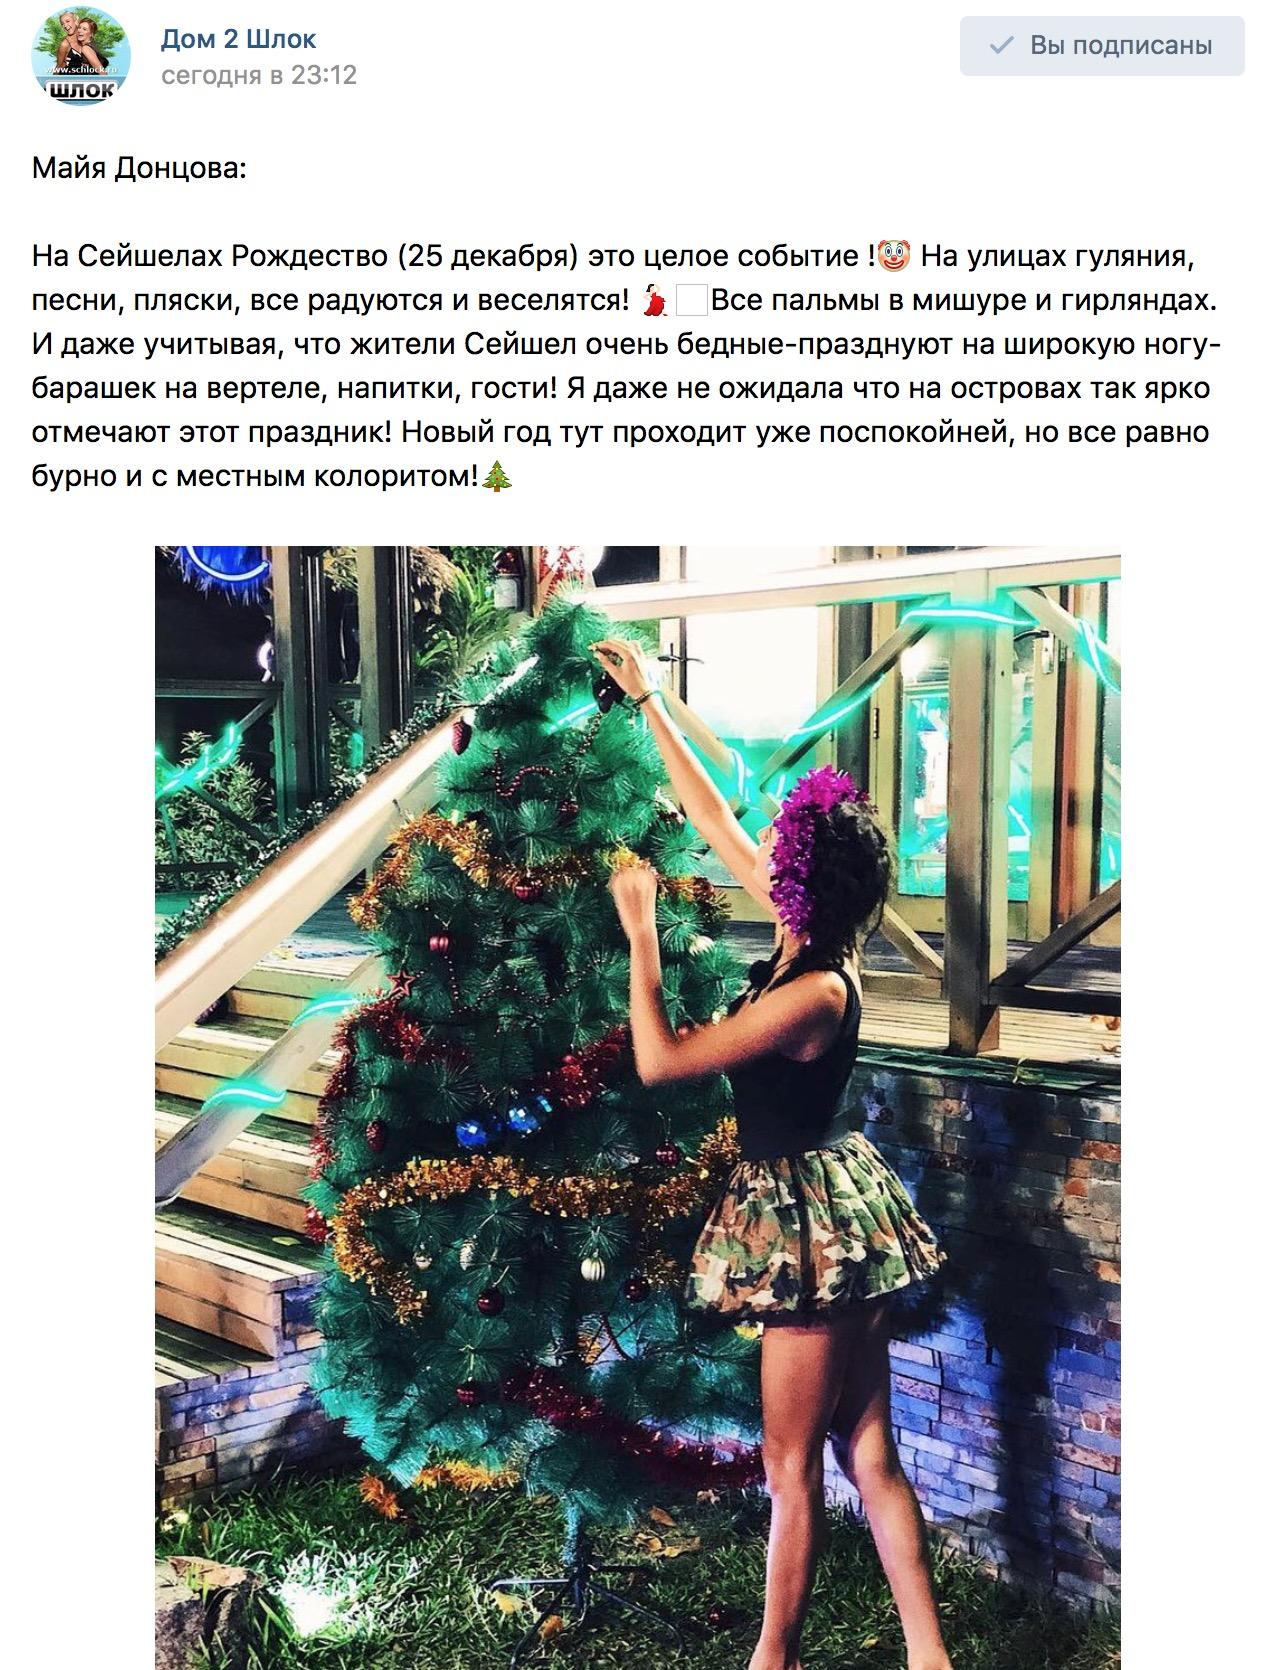 На Сейшелах Рождество - это целое событие